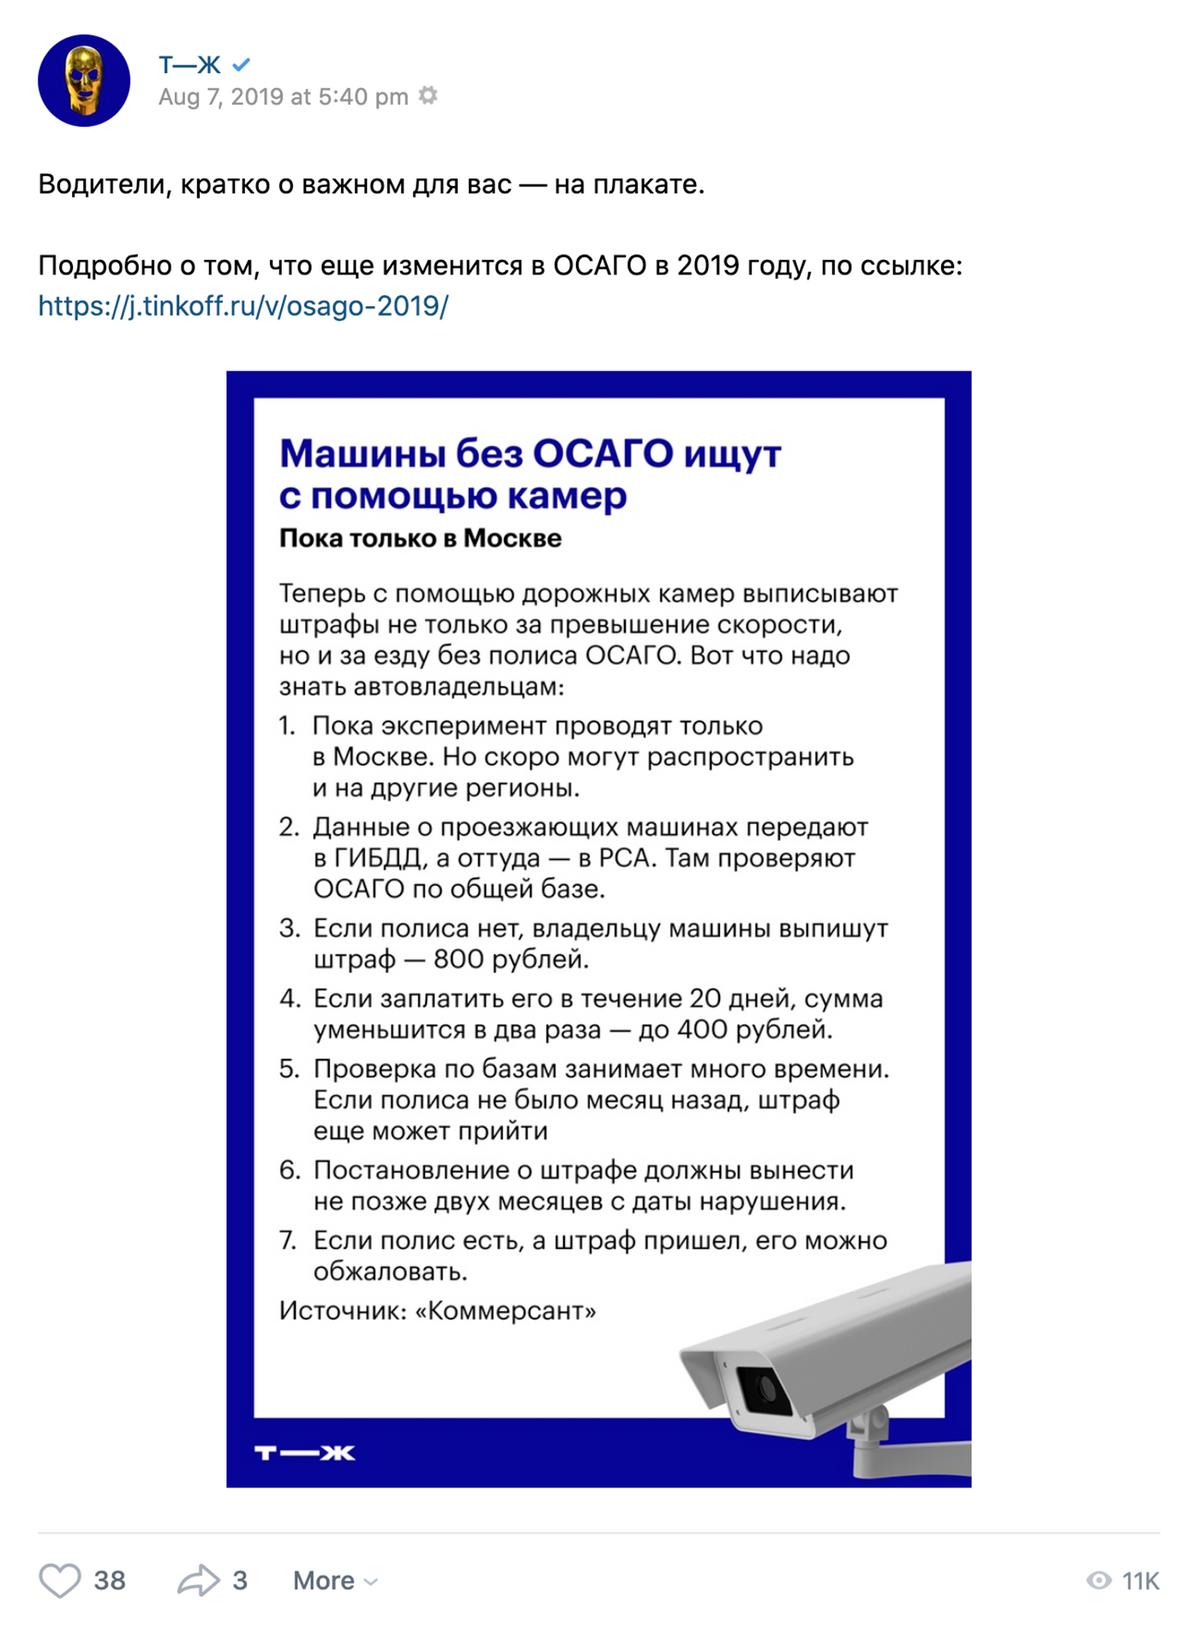 Ресайз с выжимками из статьи в виде плаката во Вконтакте